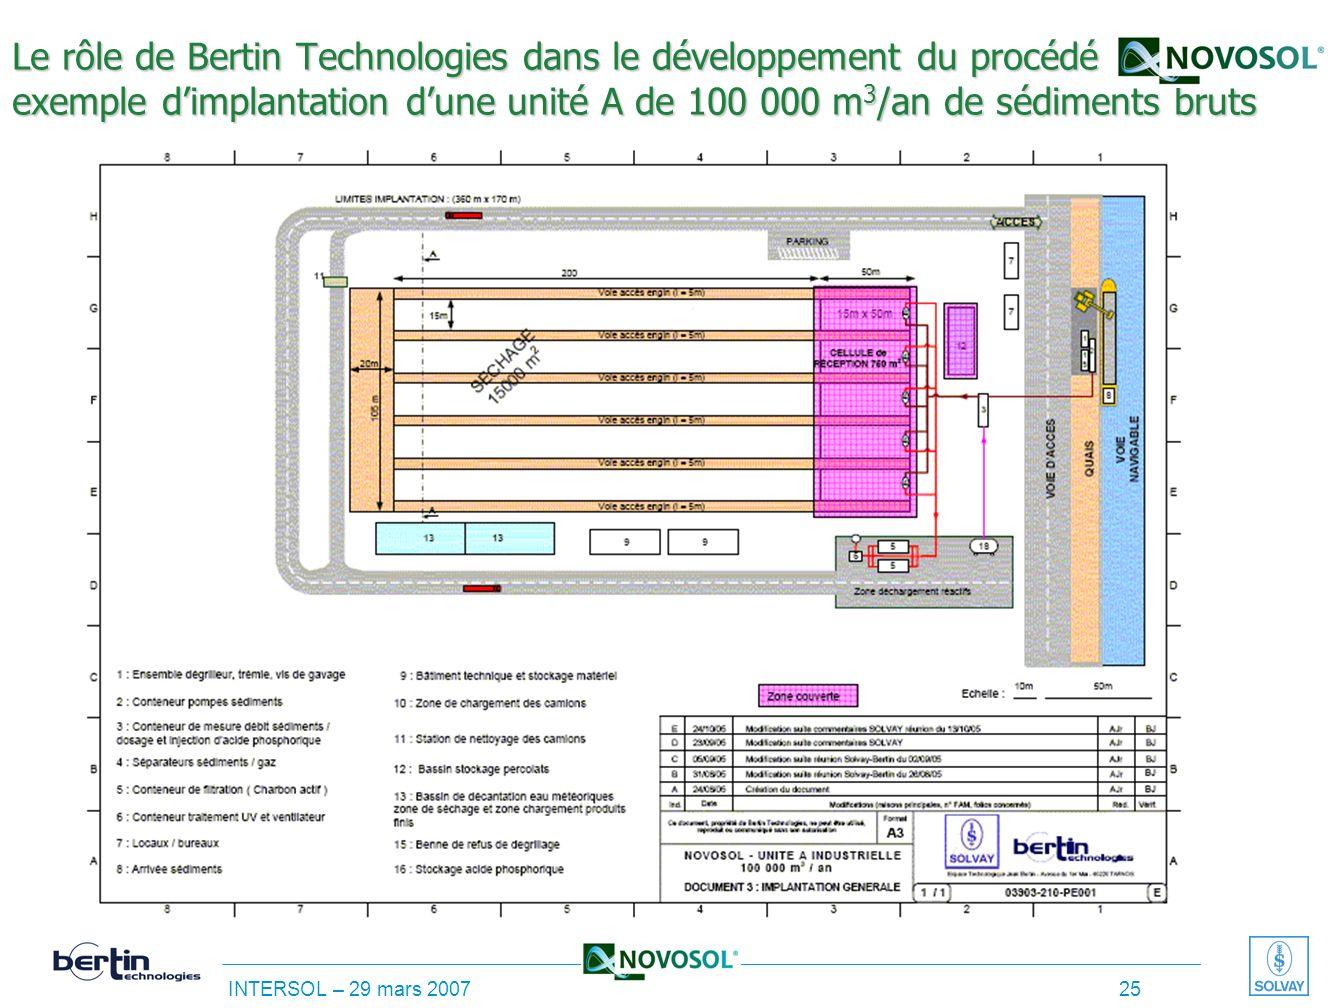 Le rôle de Bertin Technologies dans le développement du procédé exemple d'implantation d'une unité A de 100 000 m3/an de sédiments bruts